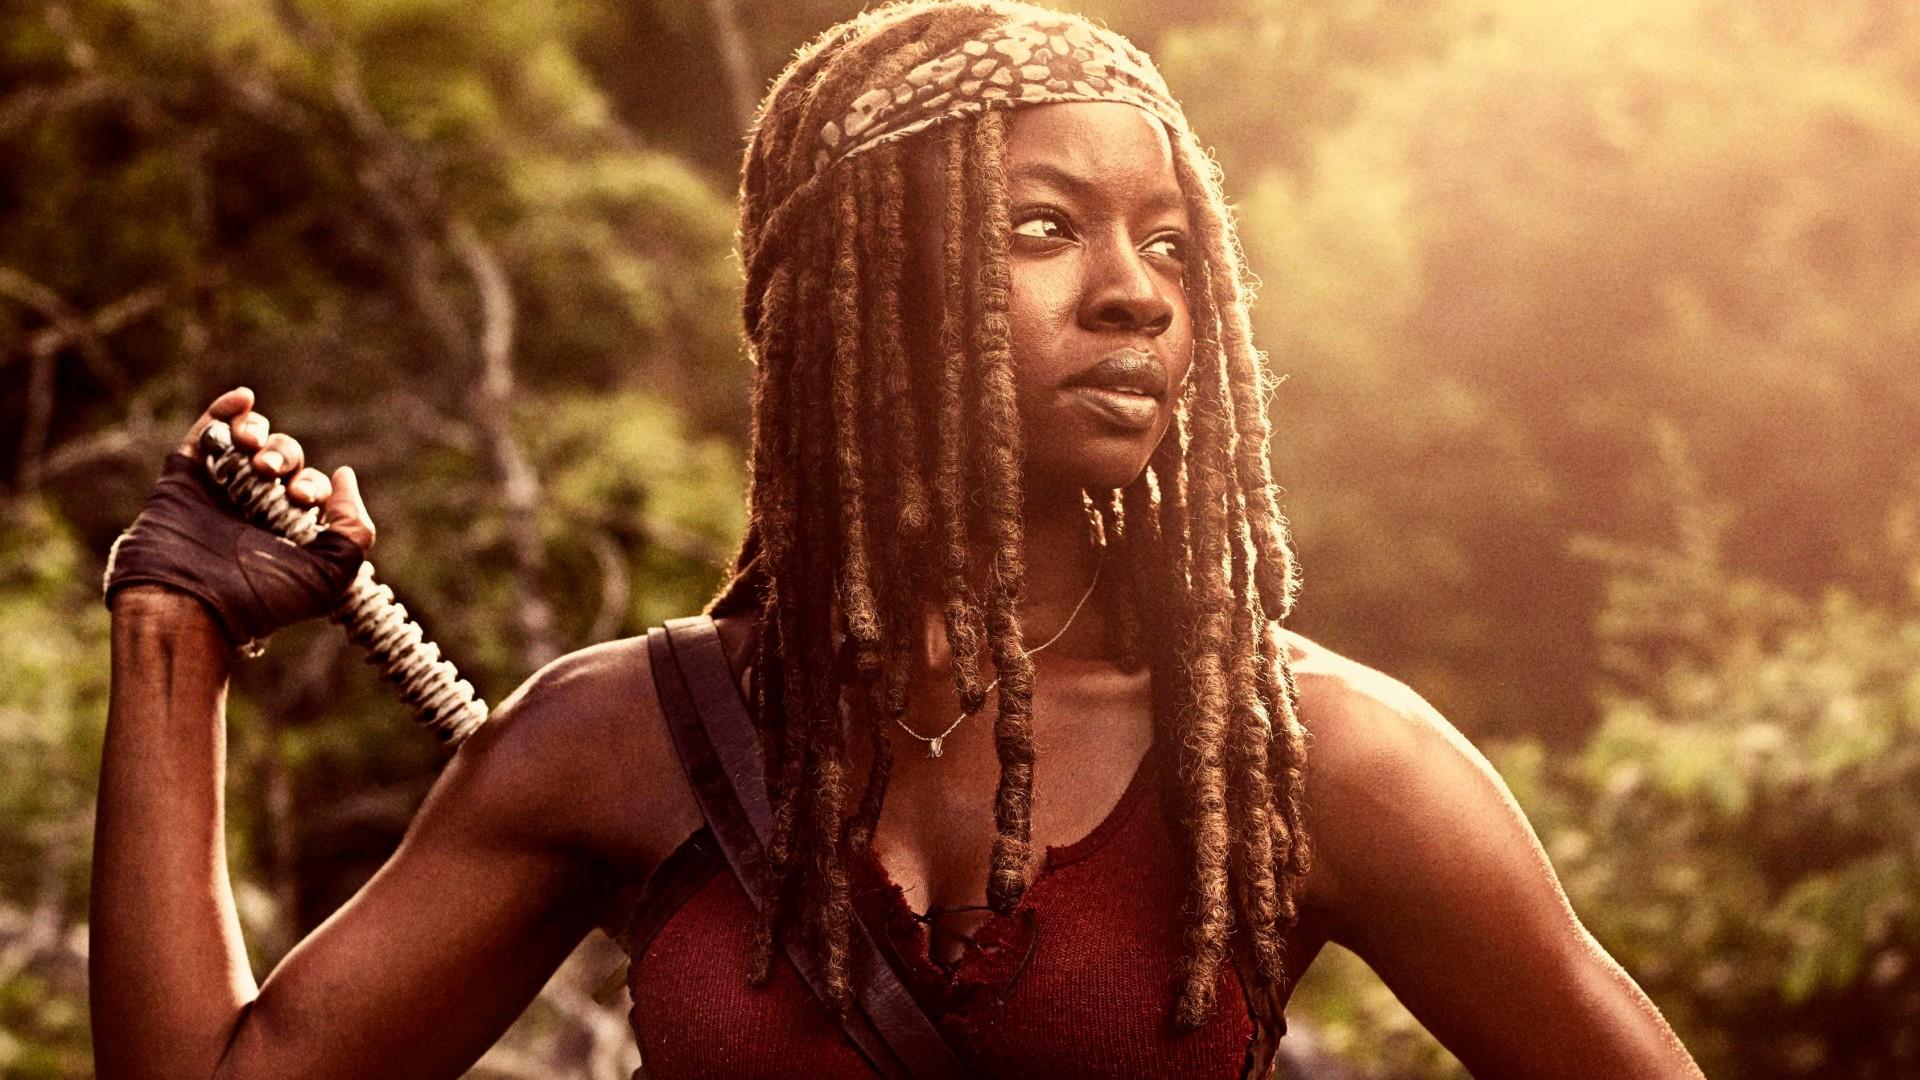 The Walking Dead Iphone Wallpaper Hd Michonne In The Walking Dead Season 9 Wallpapers Hd